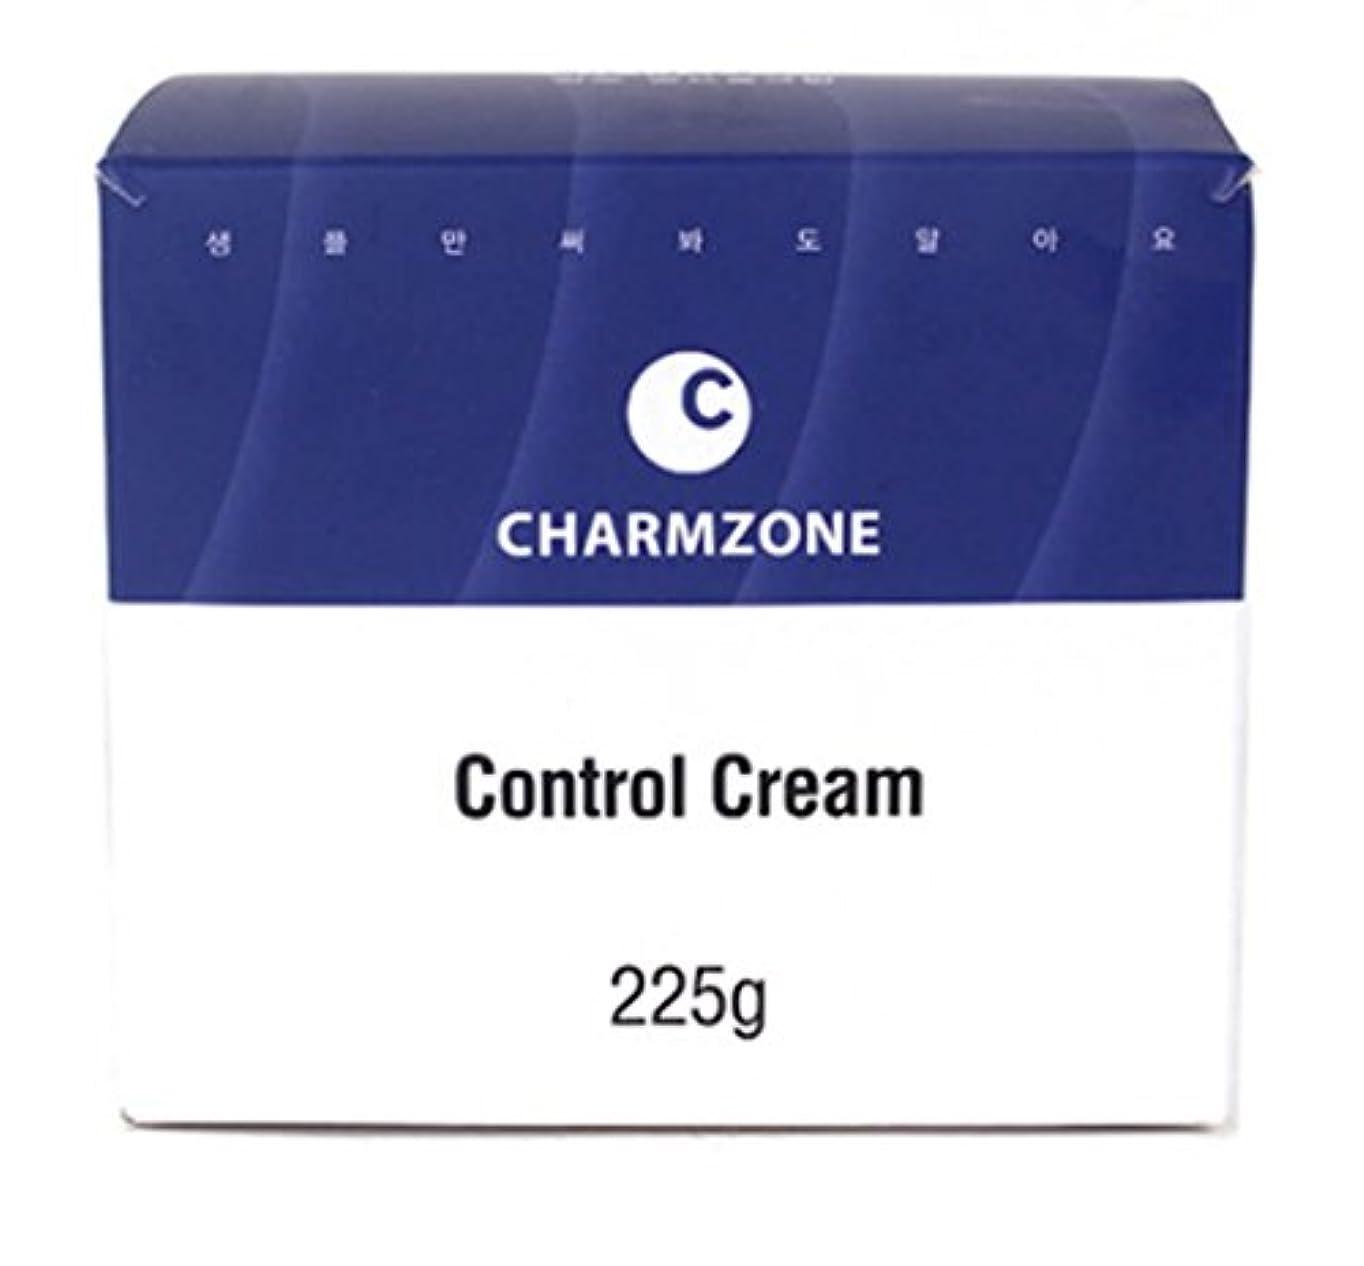 連想段落脆い[チャムジョン] CharmZone コントロールクリーム マッサージ 栄養クリーム225g 海外直送品 (Control Cream Massage Nutrition Cream 225g)